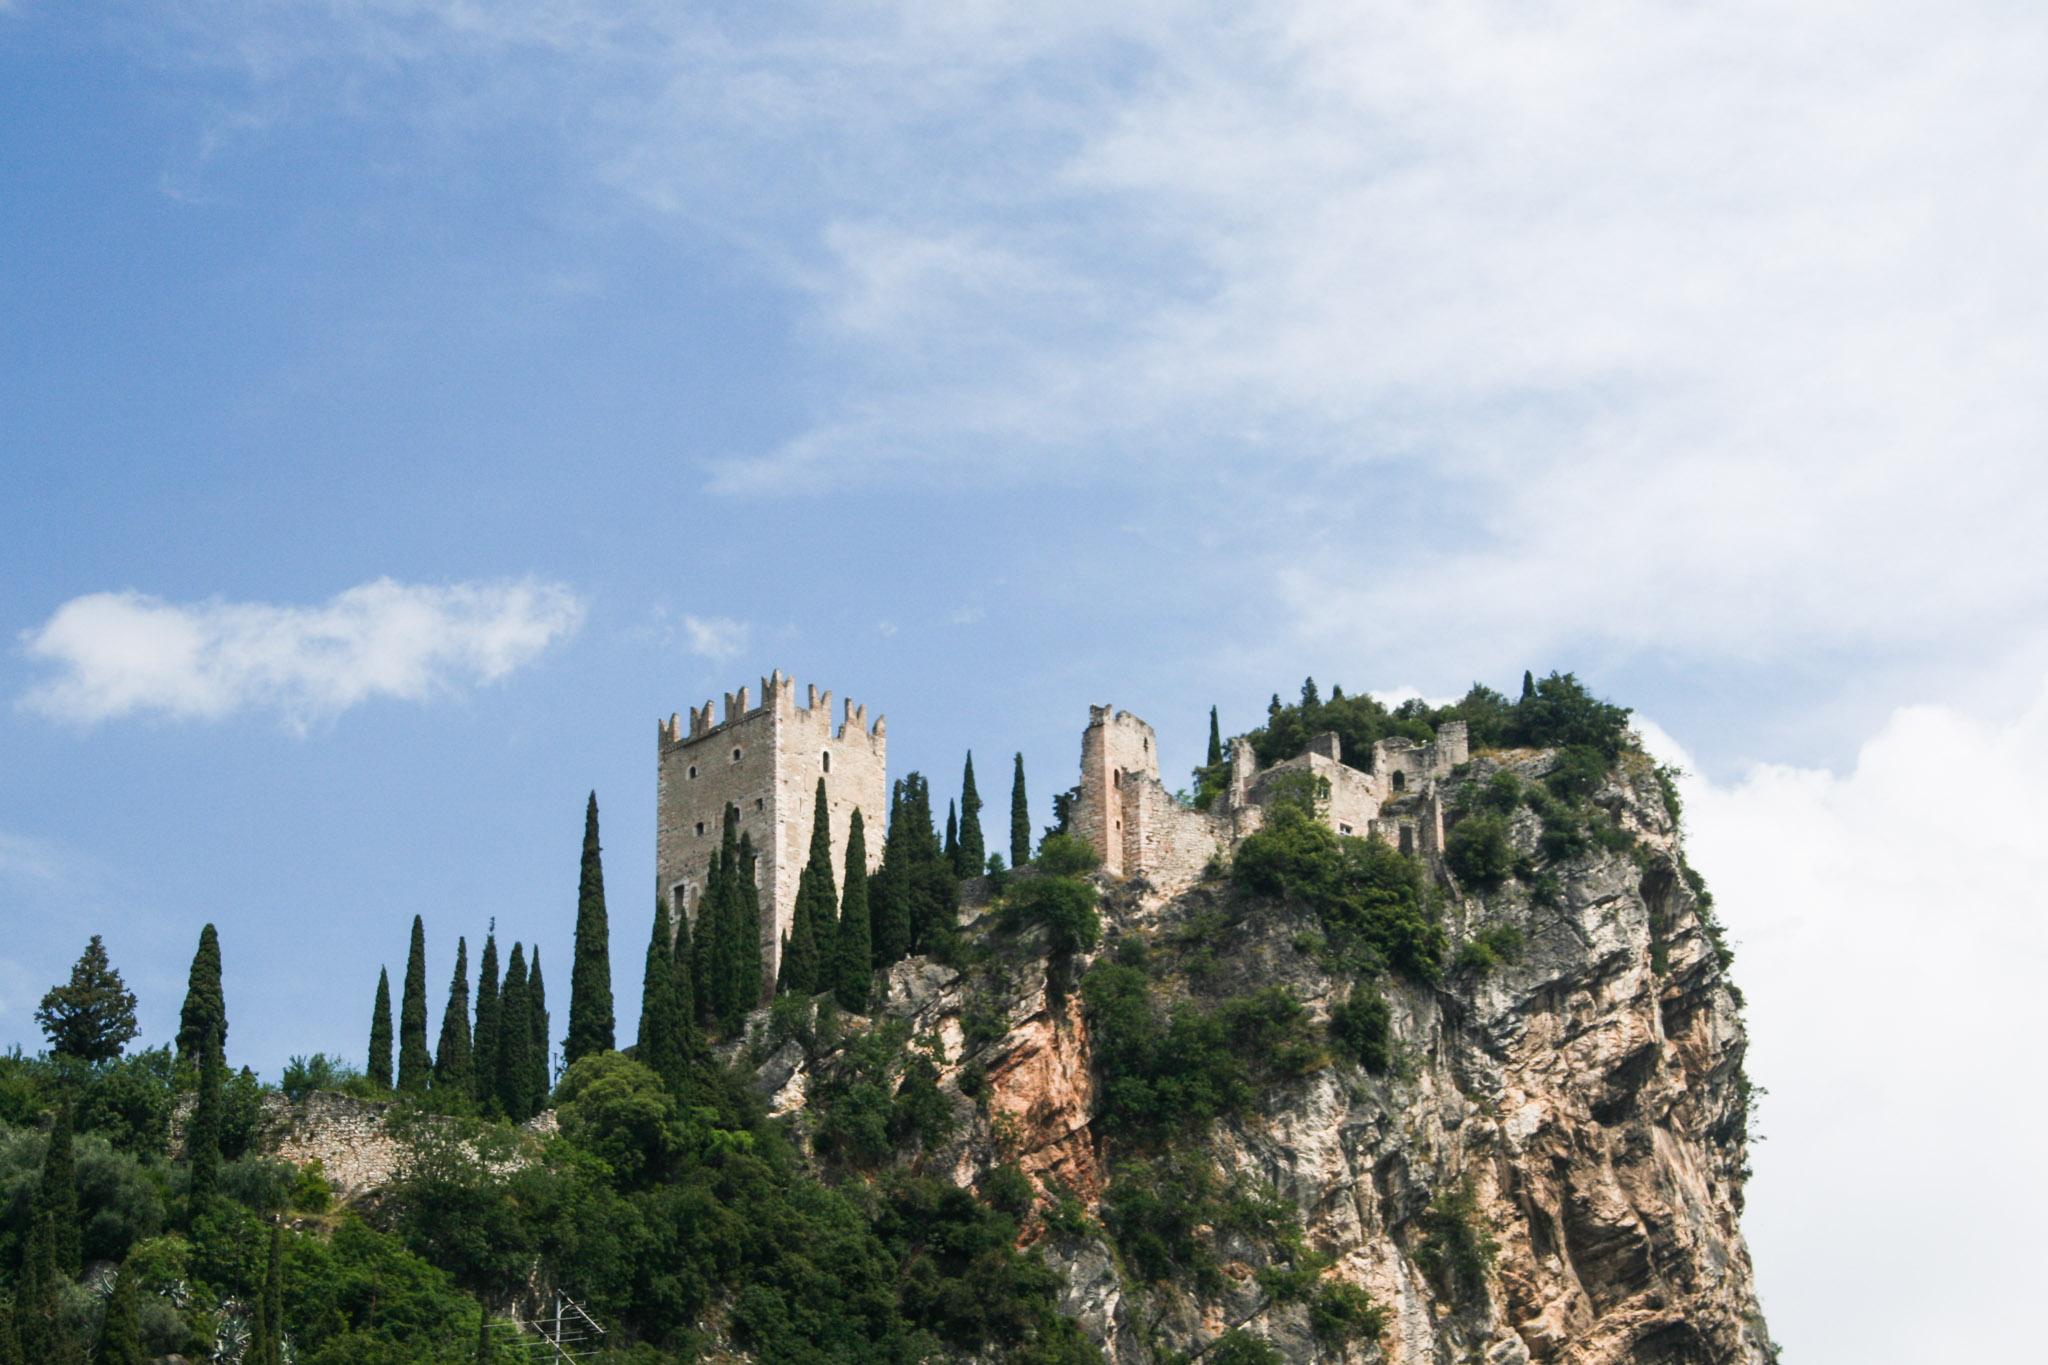 Burg Arco von Arco aus gesehen